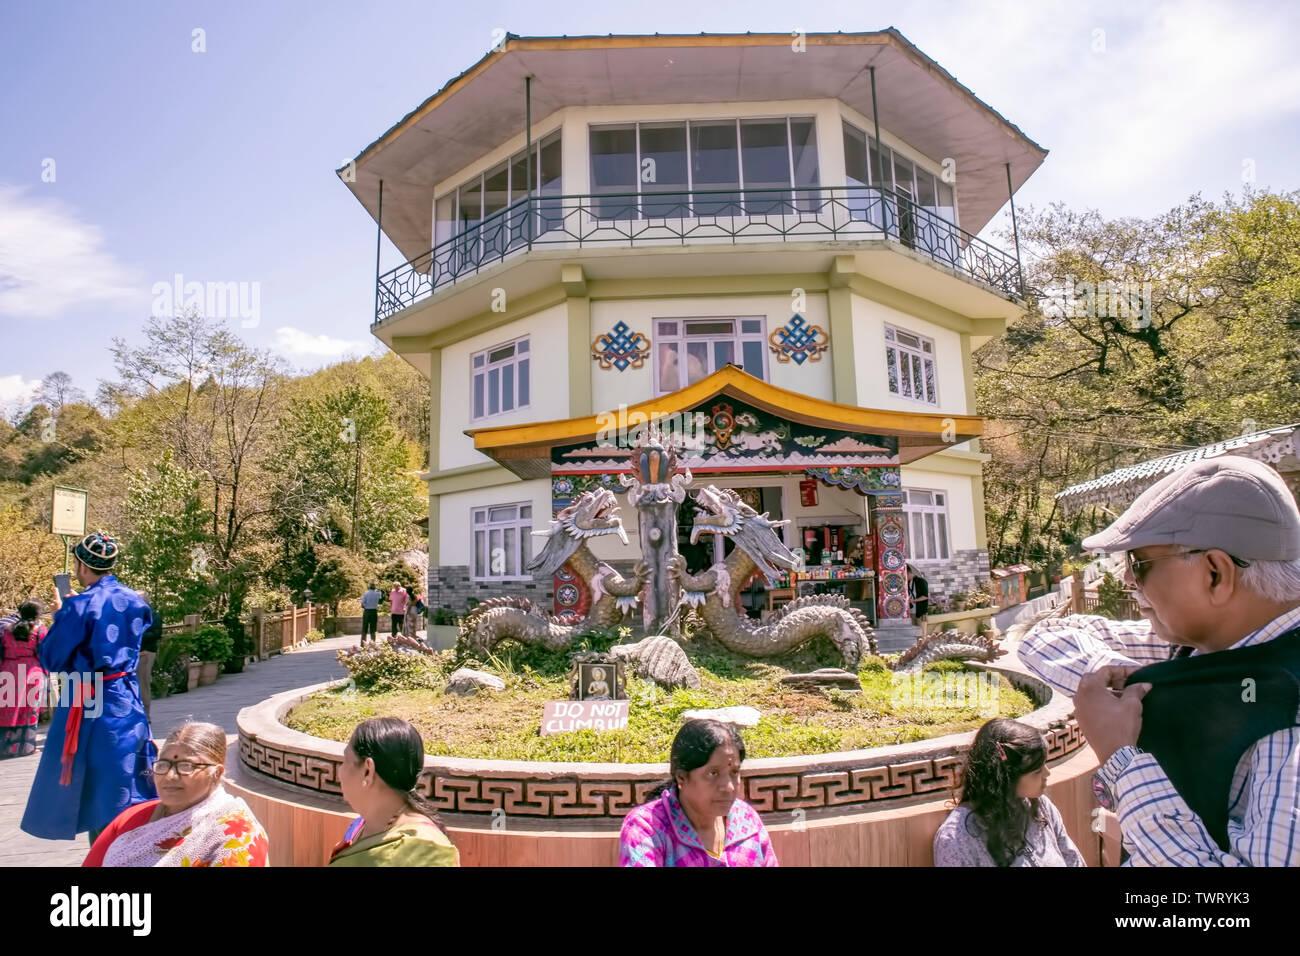 Tashi punto di vista,turistiche, spot,,per naturali,l'ambiente,beauty,Gangtok,il Sikkim India. Immagini Stock